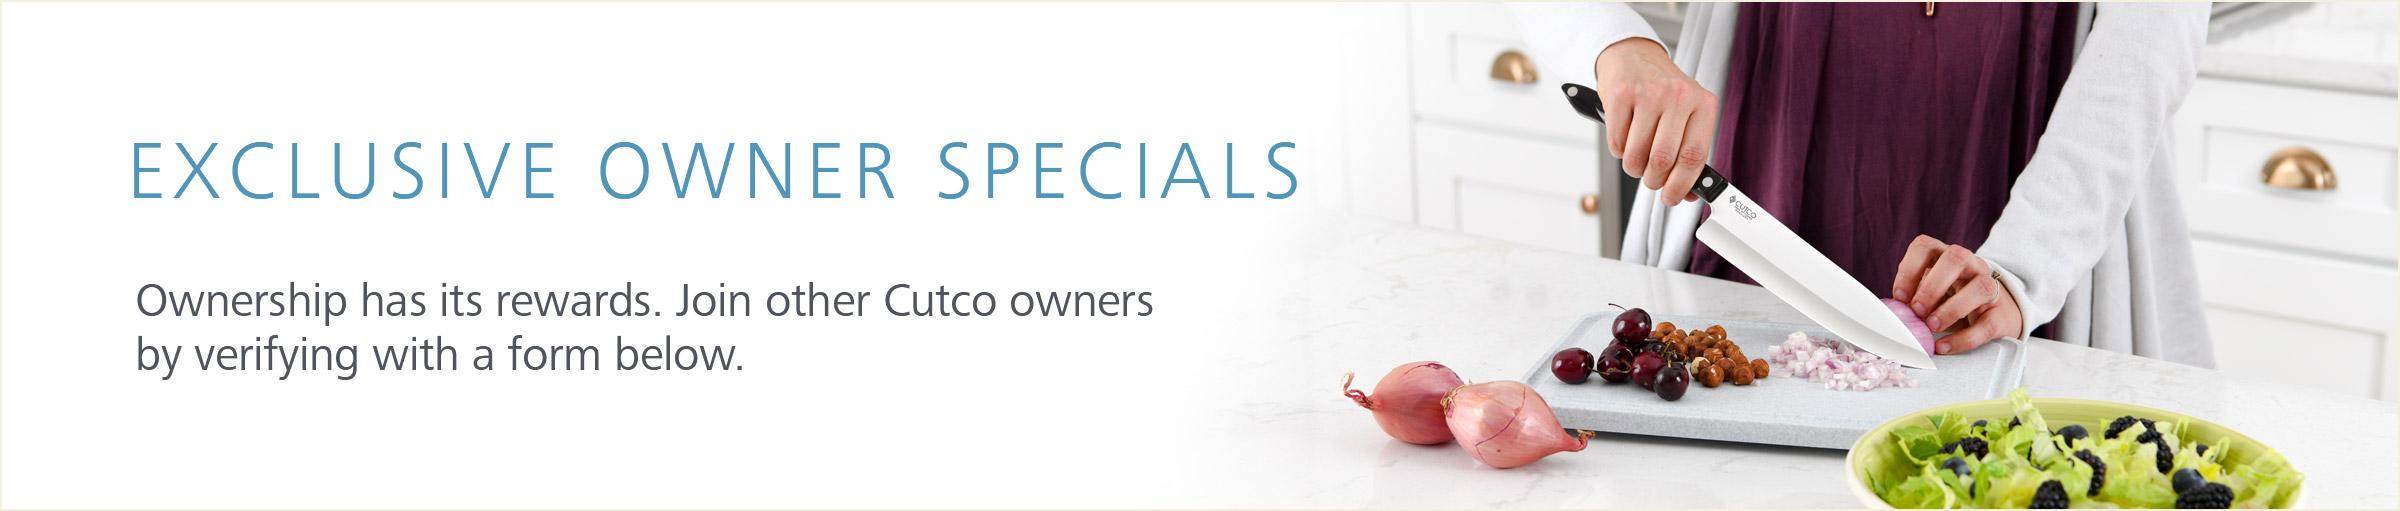 Exclusive Owner Specials